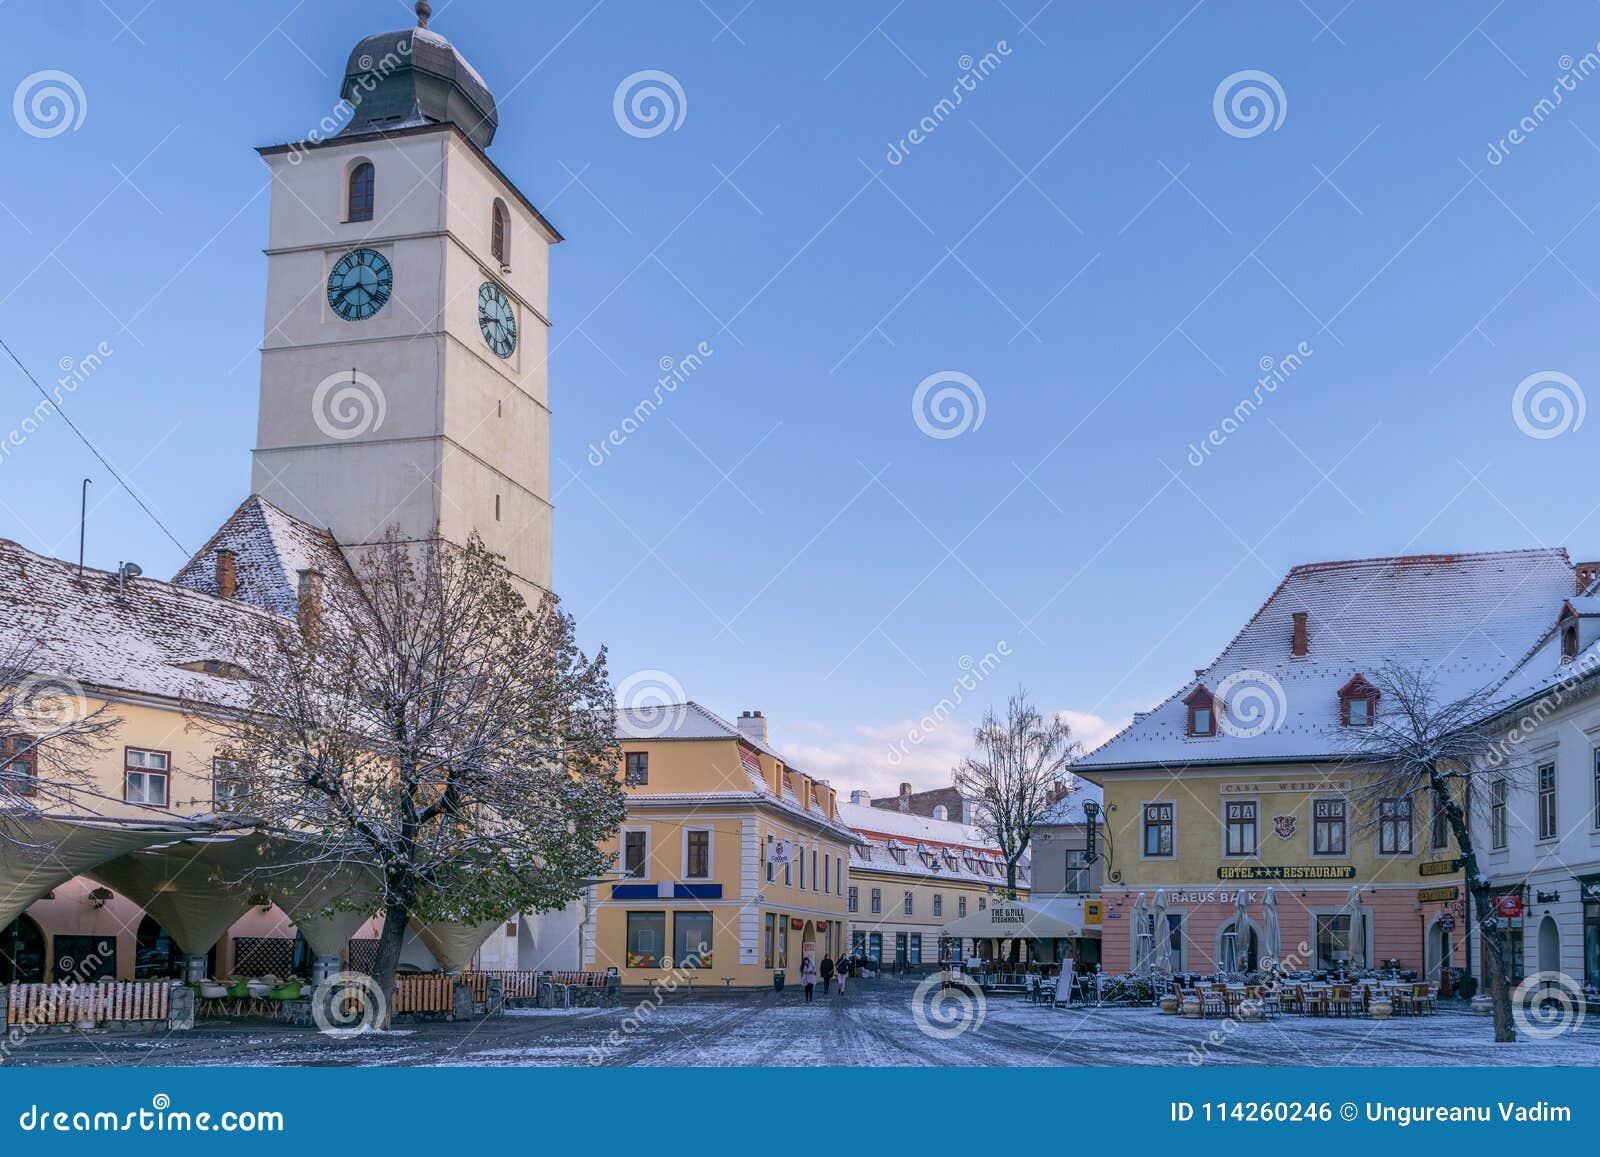 SIBIU, RUMÄNIEN - 31. OKTOBER 2017: Ansicht großen Quadrats thr und der Rat ragen hoch